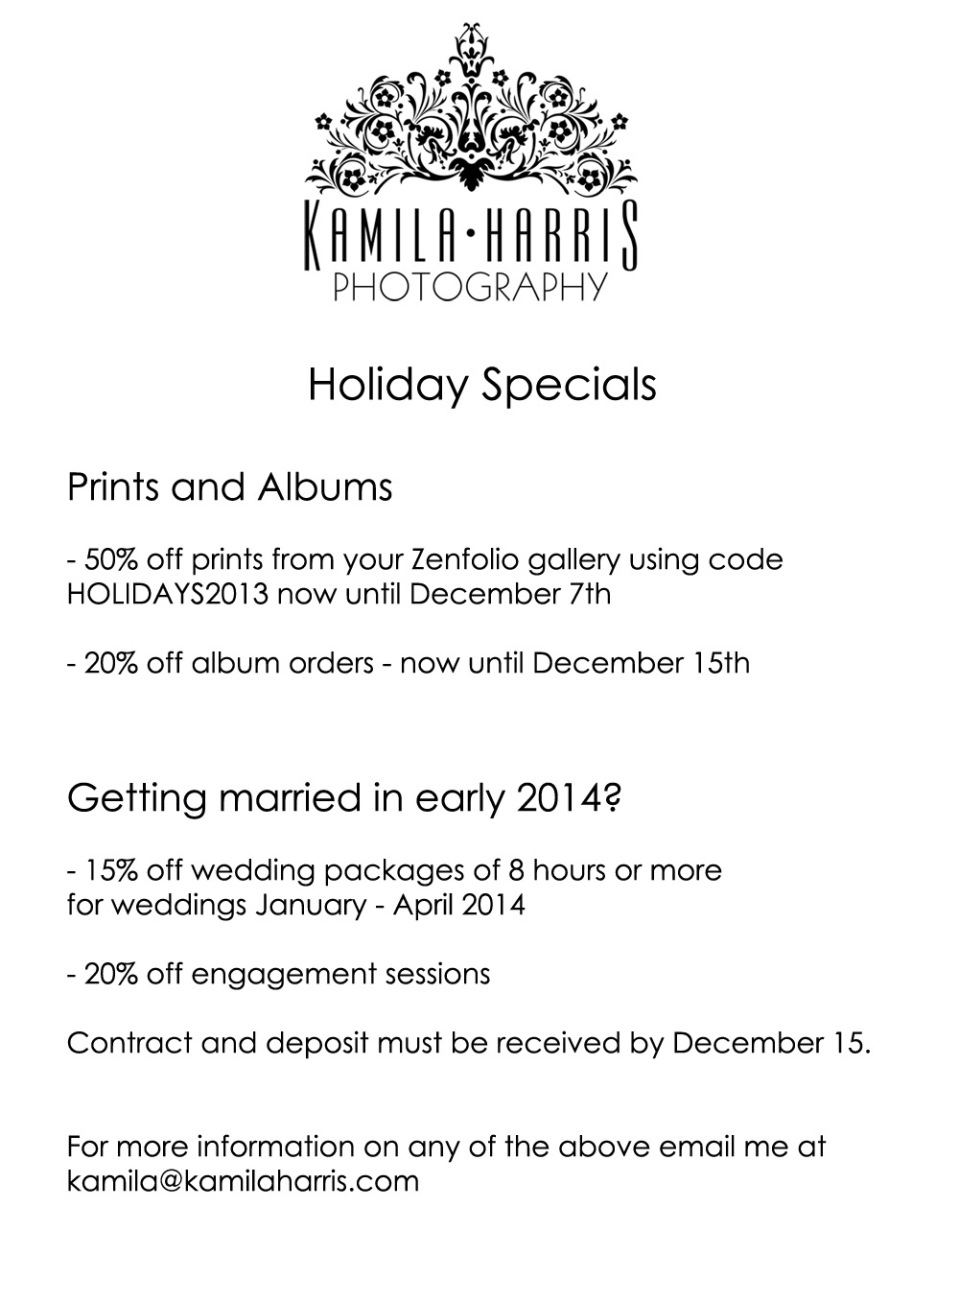 HolidaySpecials2013